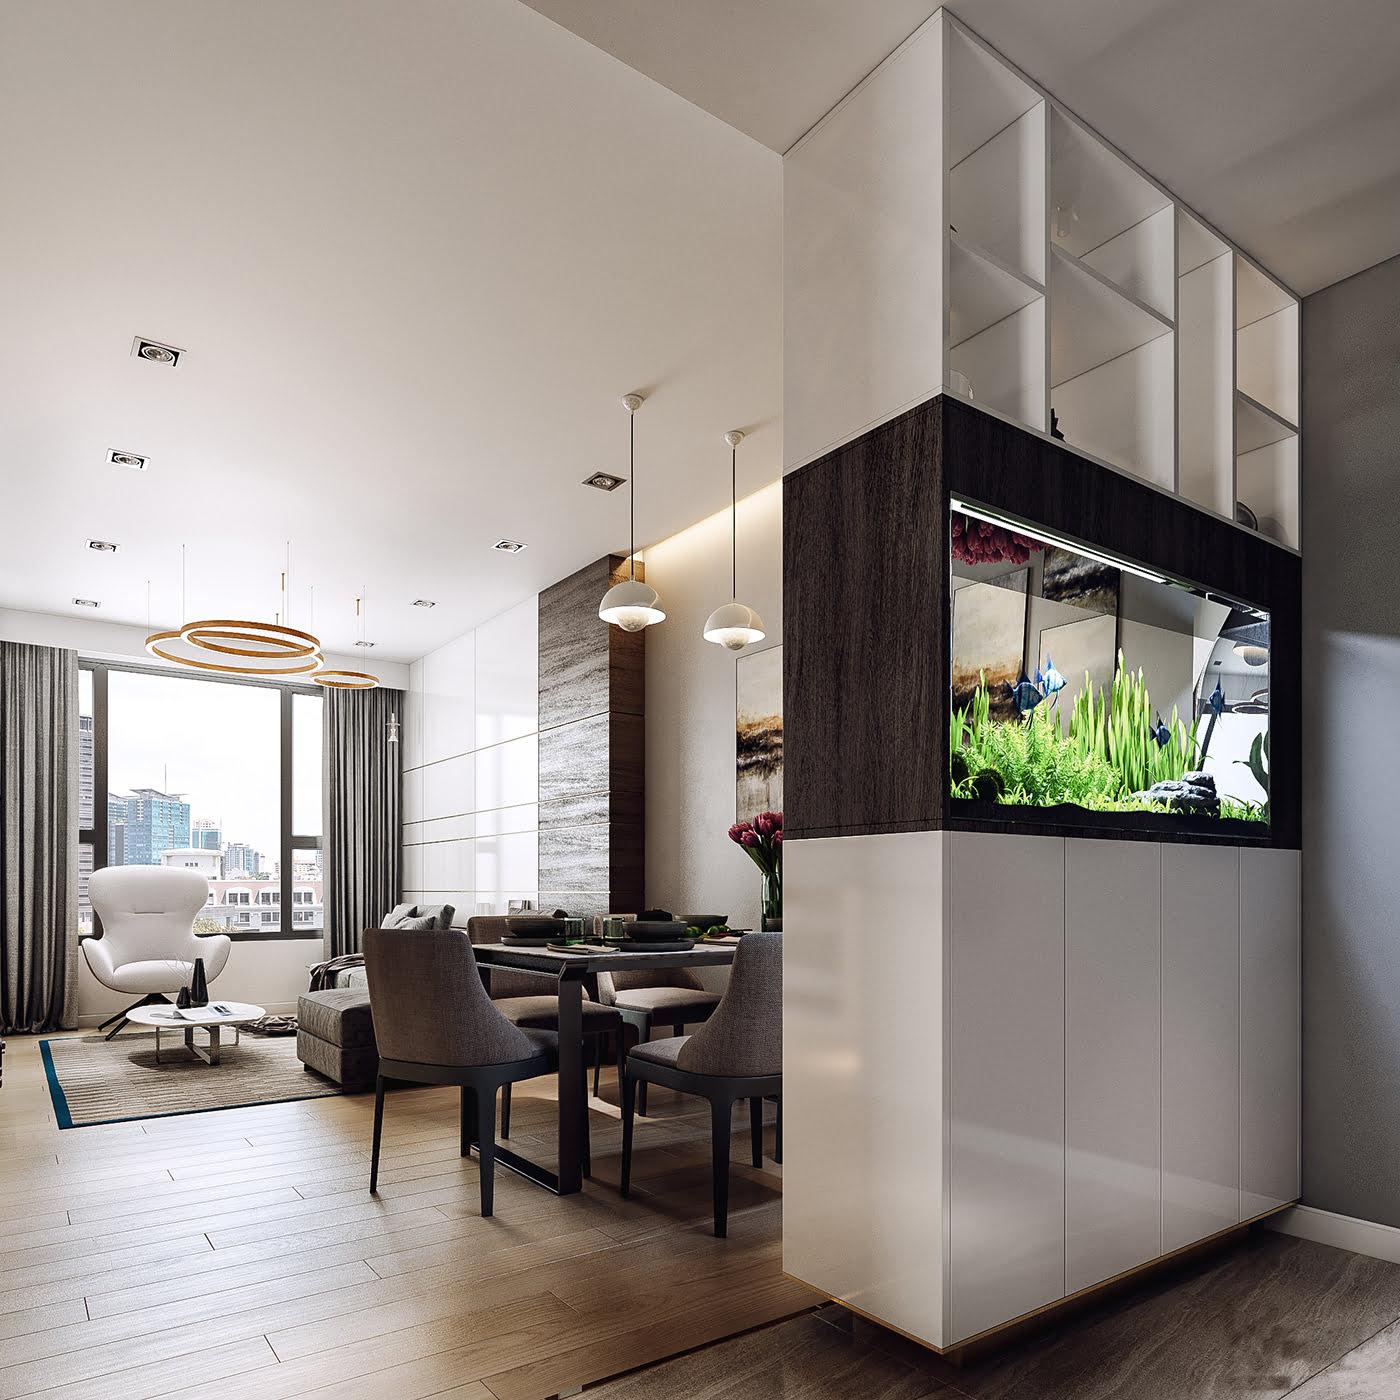 thiết kế nội thất chung cư hiện đại 14